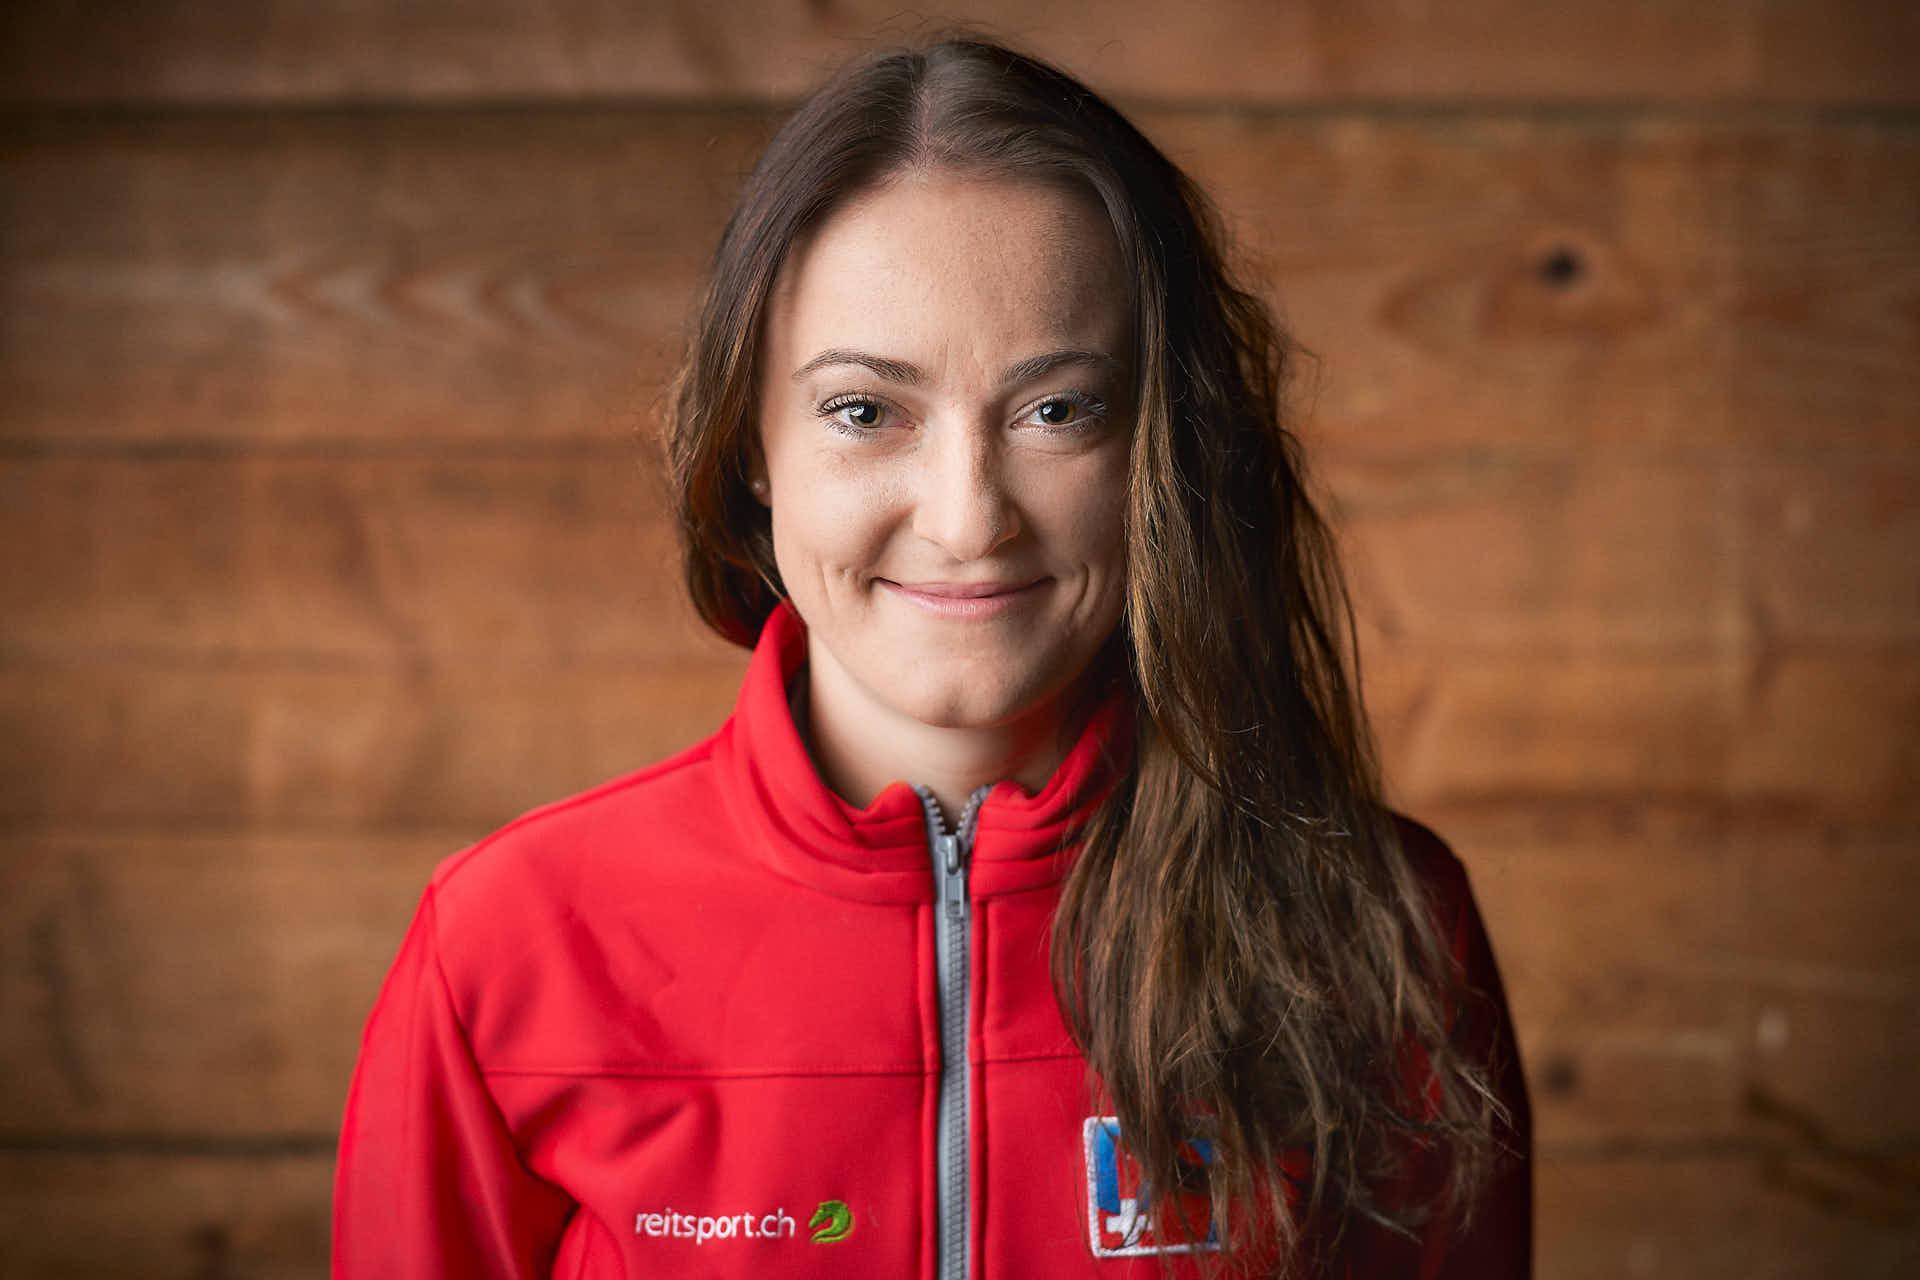 Tamara Roos Portrait